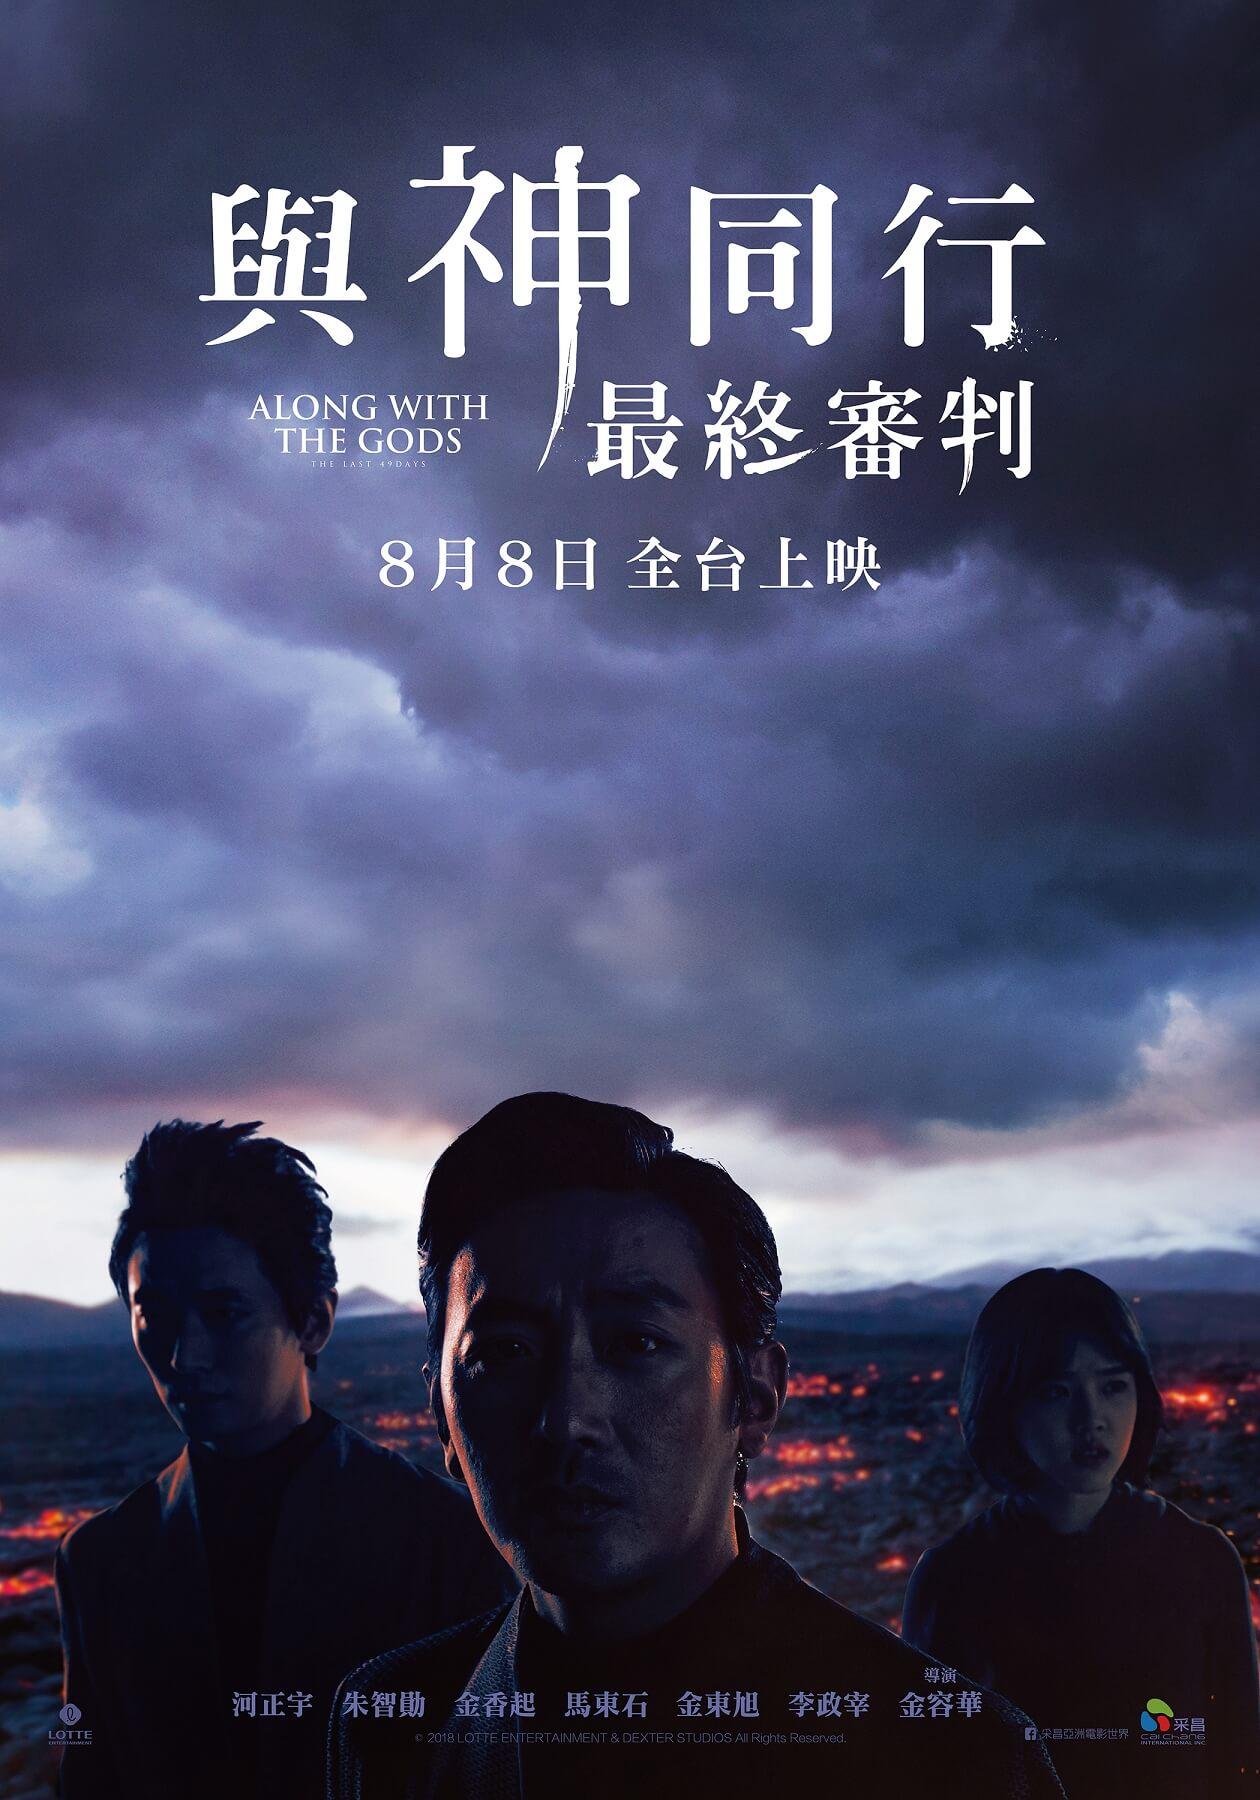 《 與神同行 : 最終審判 》台灣版前導海報曝光。